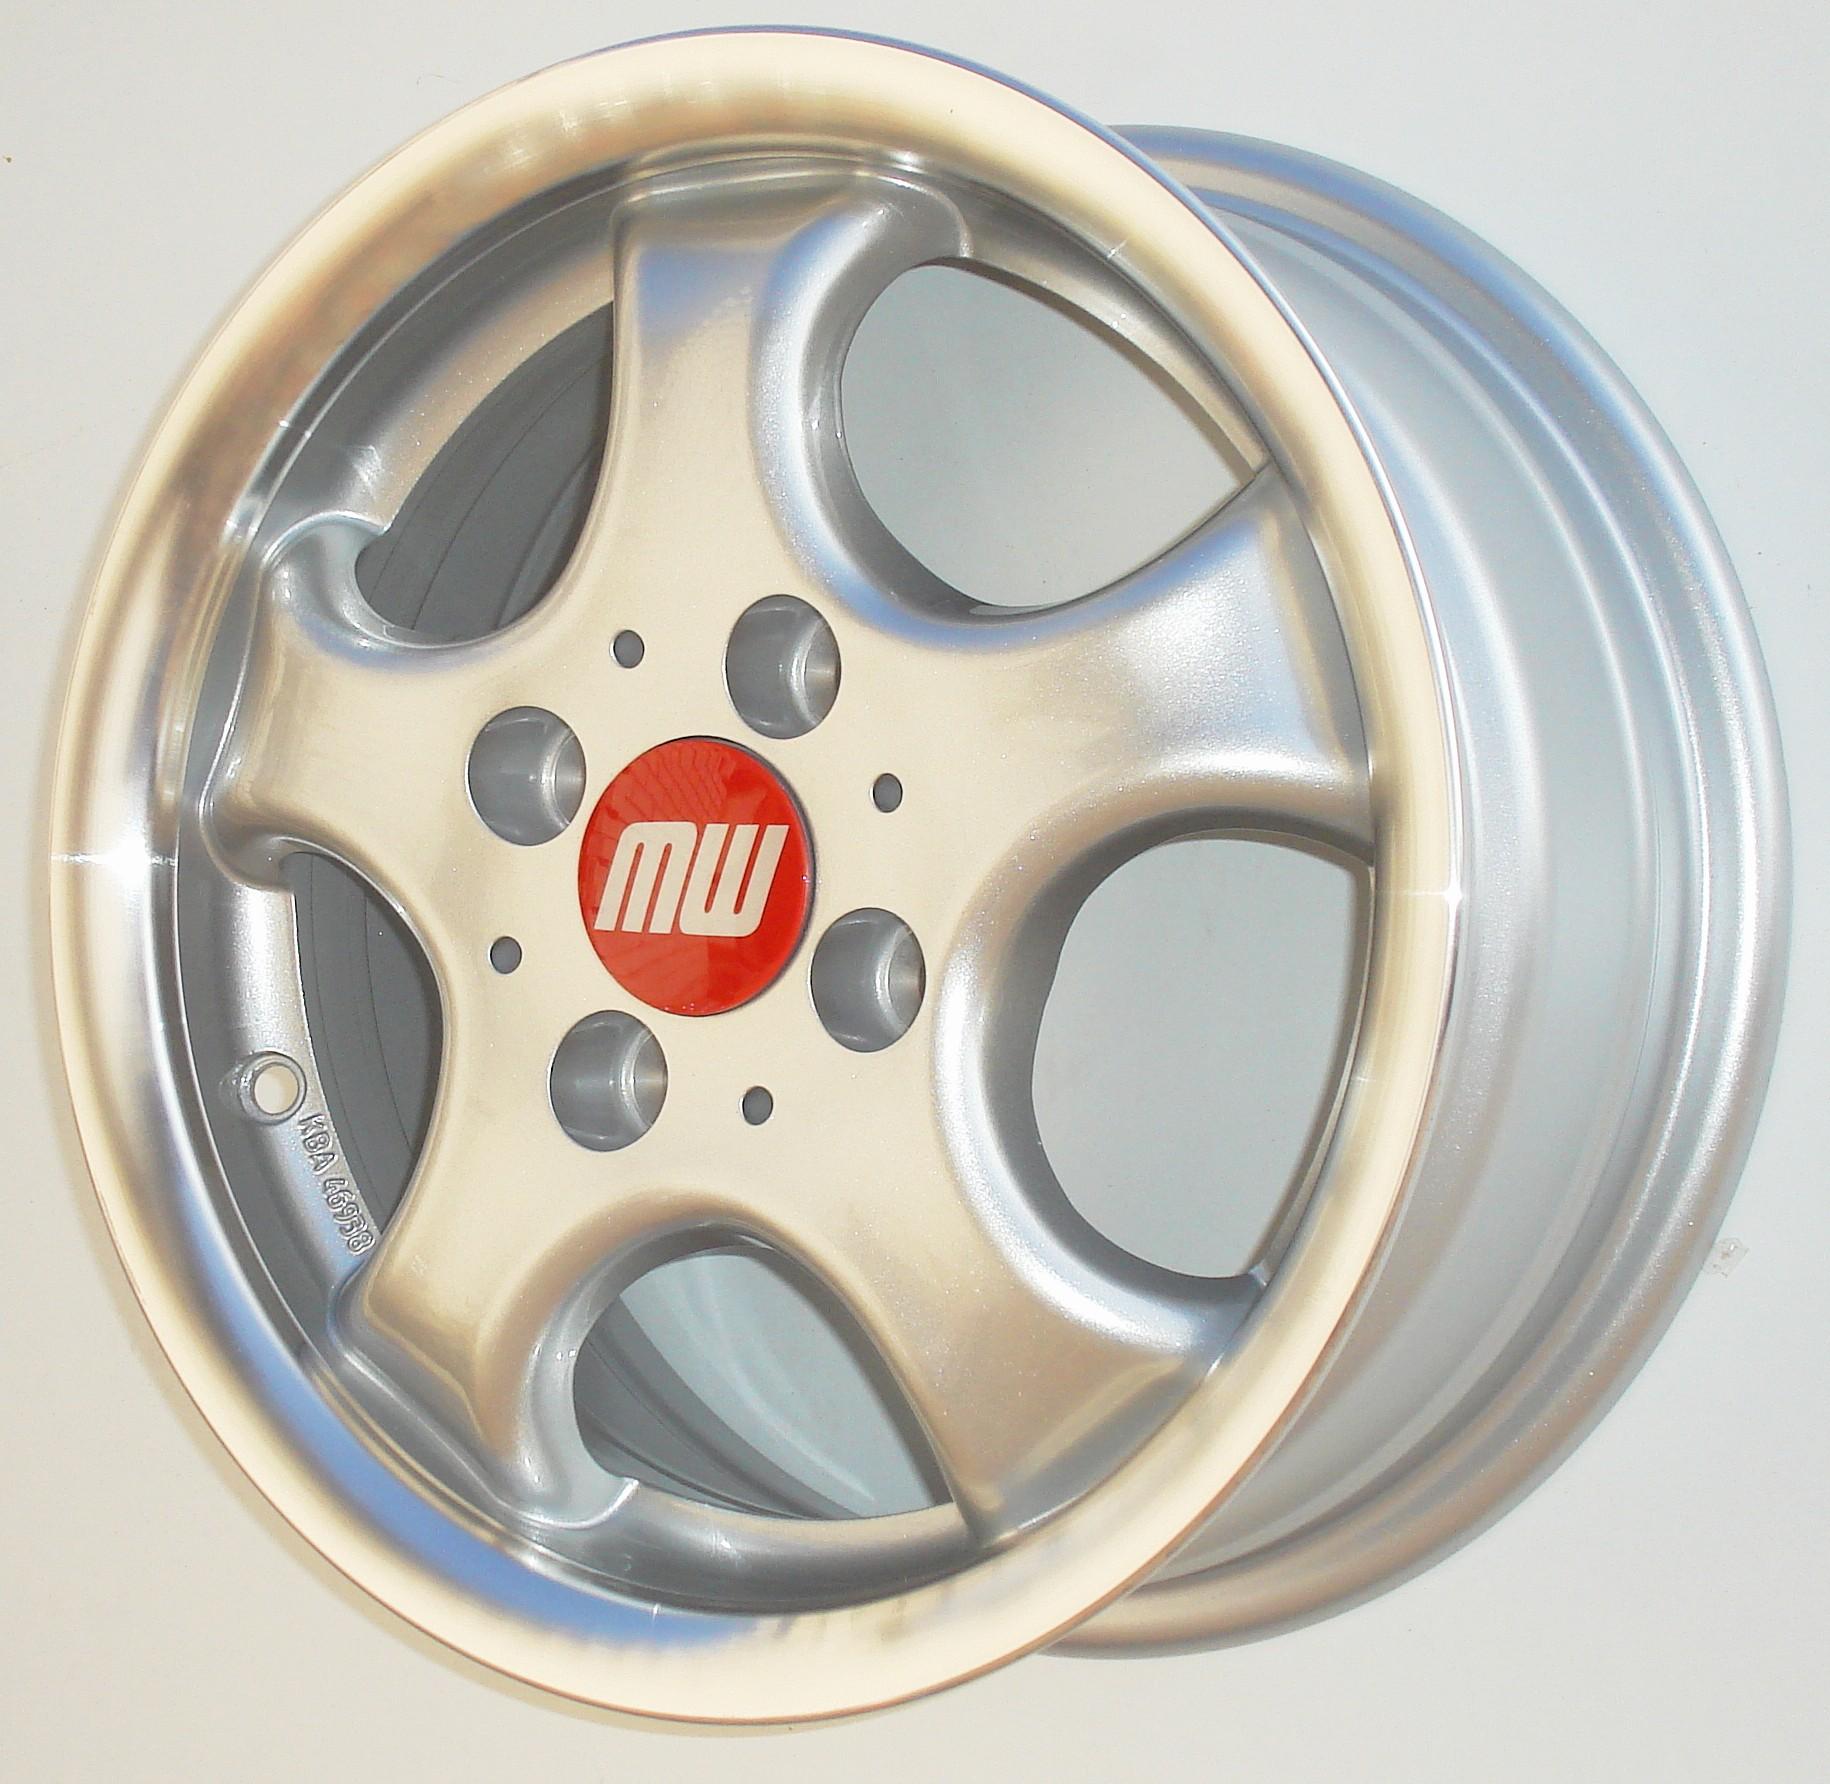 CUP-Rad 6X14 4/100 ET37 -silber metallic  -  zulässige Reifengrössen: 165/60R14, 185/55R14, 195/45R14  mit ABE/Teilegutachten